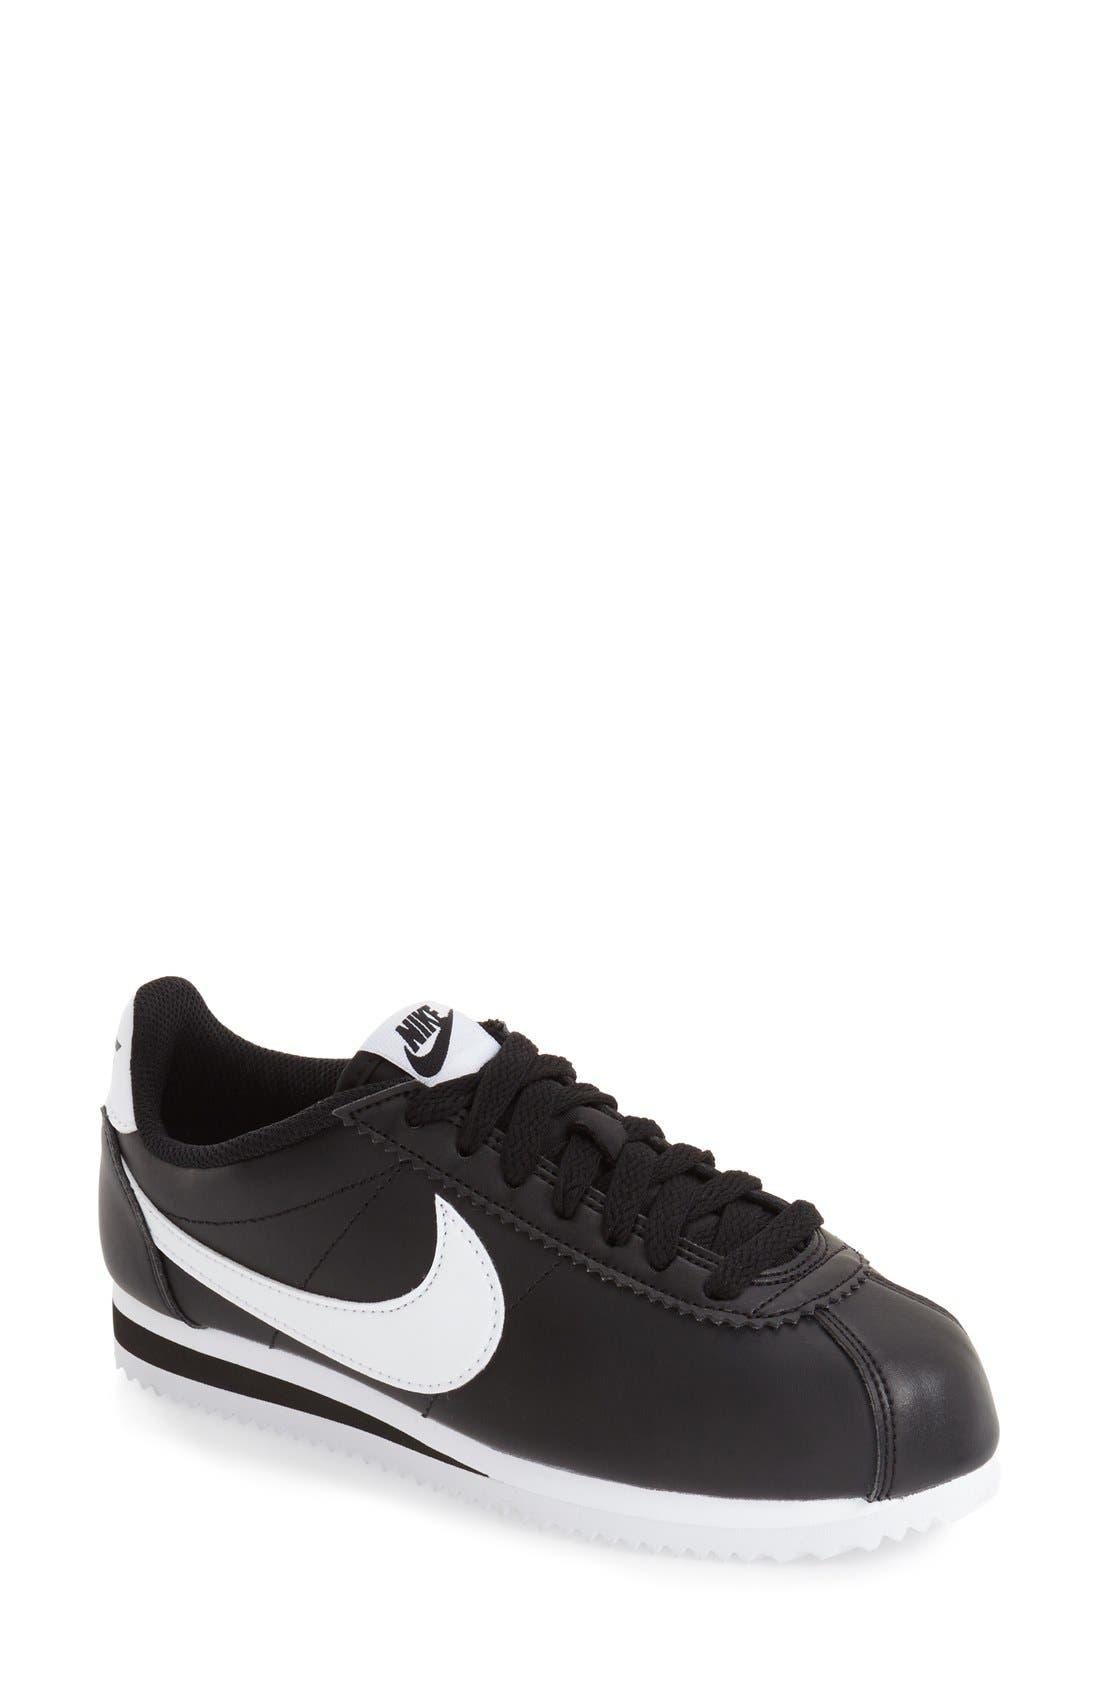 Main Image - Nike 'Classic Cortez' Sneaker (Women)